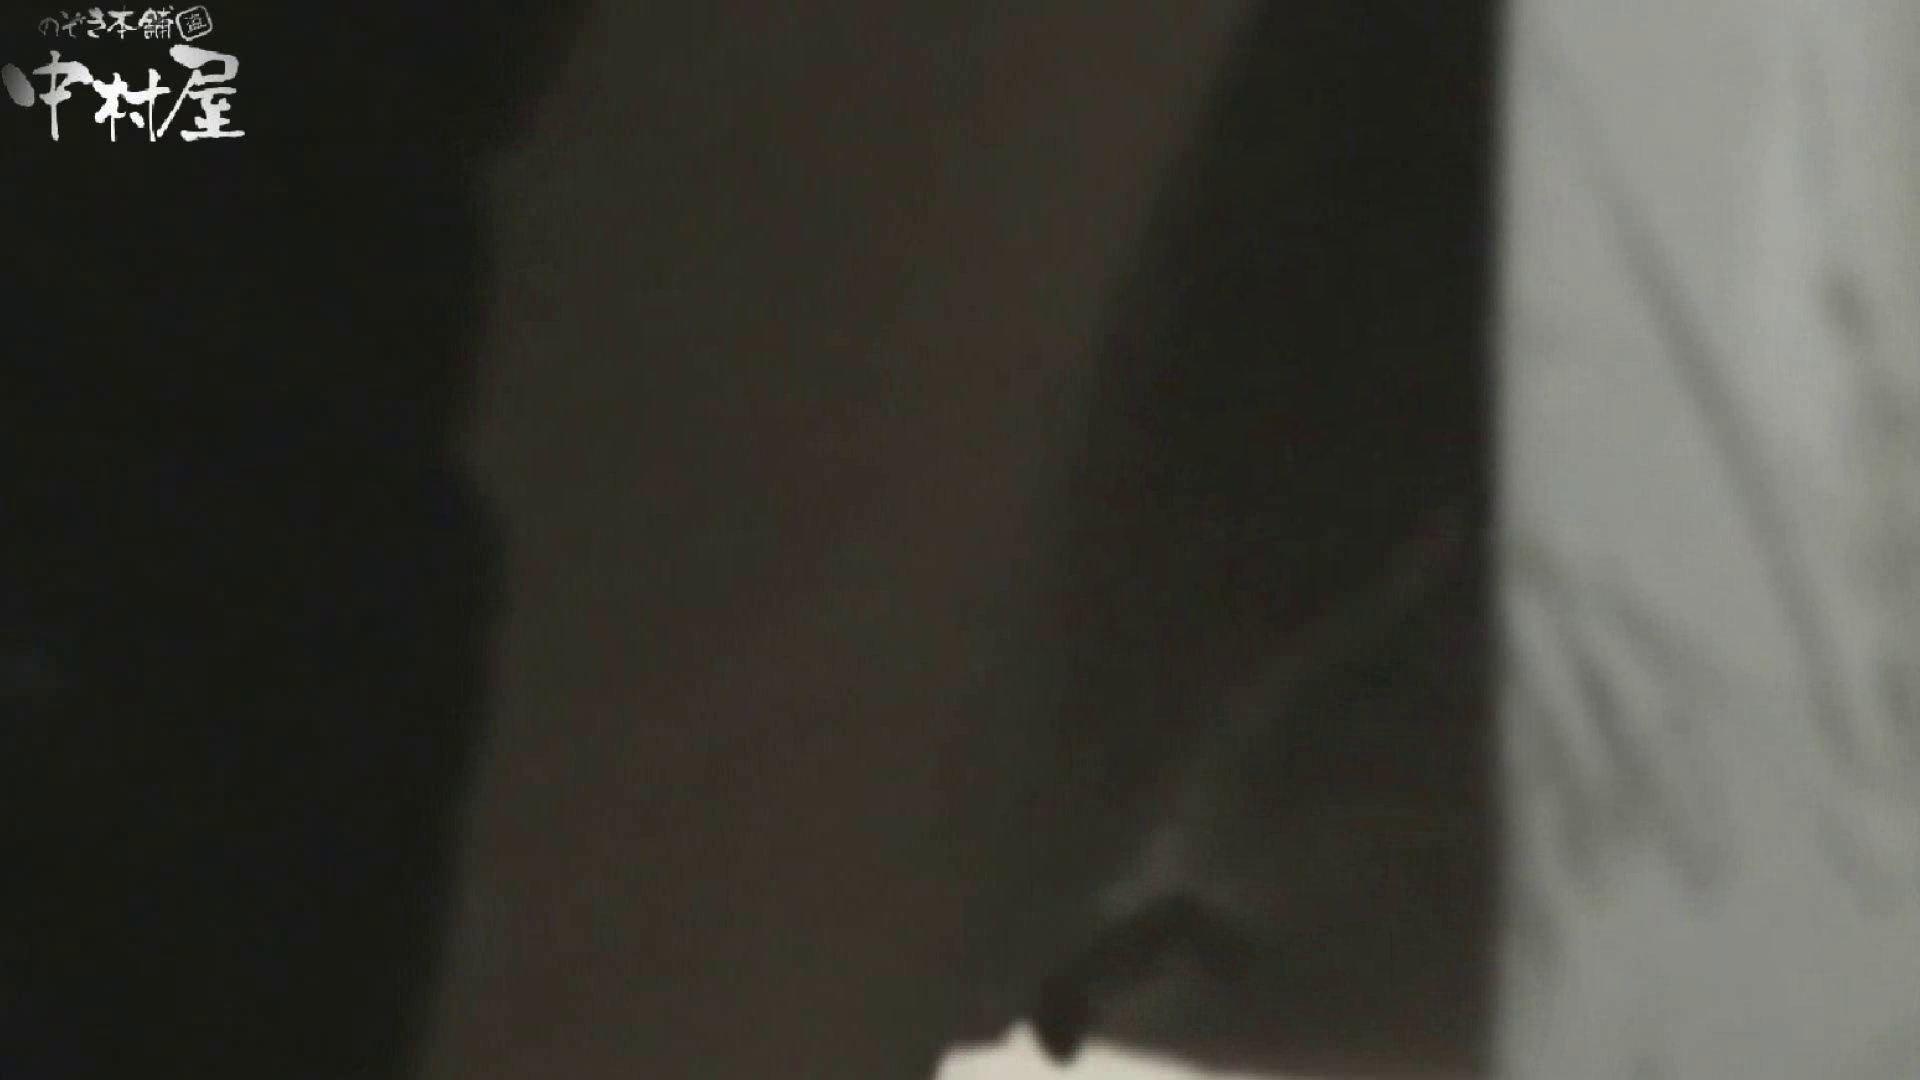 解禁!海の家4カメ洗面所vol.19 ギャルのエロ生活 覗きおまんこ画像 105連発 86